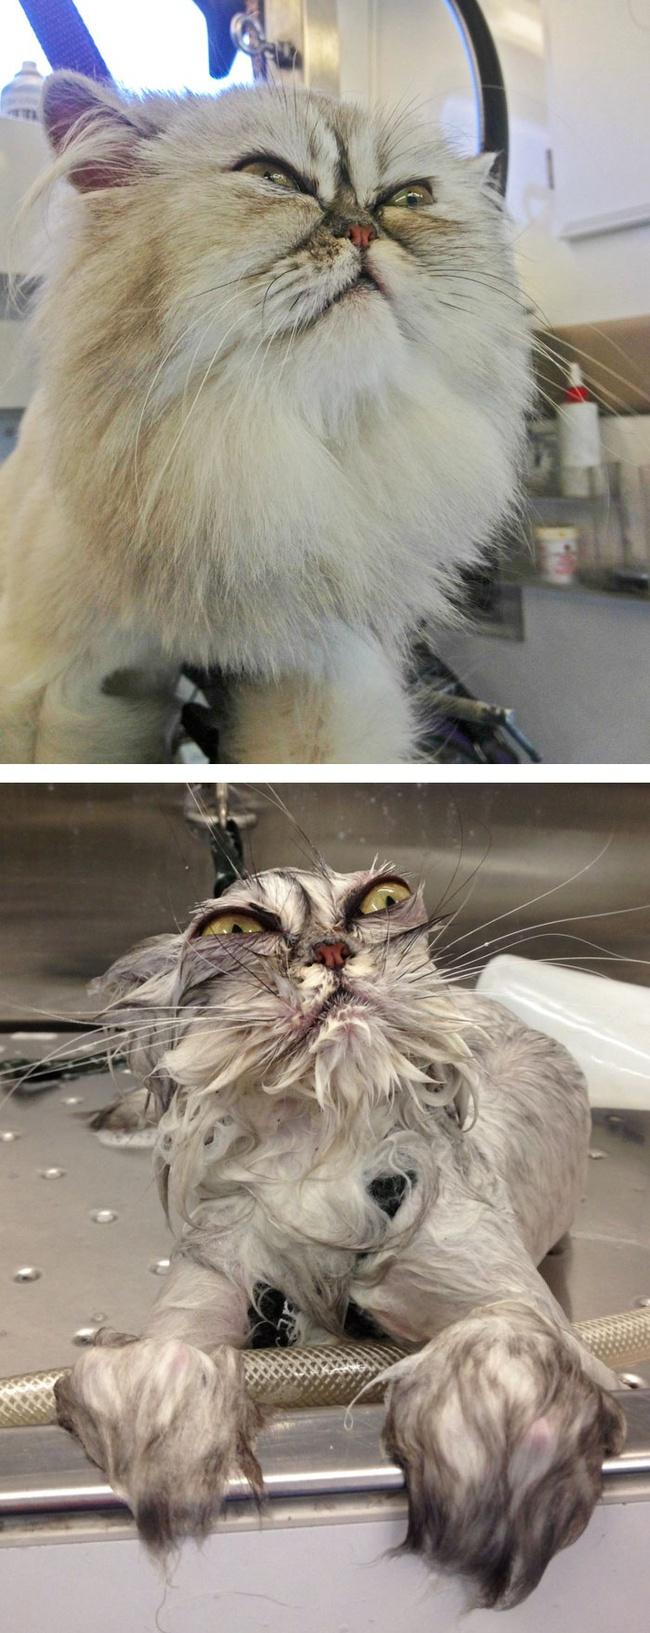 """Cười vỡ bụng với loạt ảnh hậu trường khi đi tắm của dàn thú cưng, đáng yêu cỡ thiên thần cũng hóa thành """"ác quỷ"""" trong chốc lát! - Ảnh 1."""